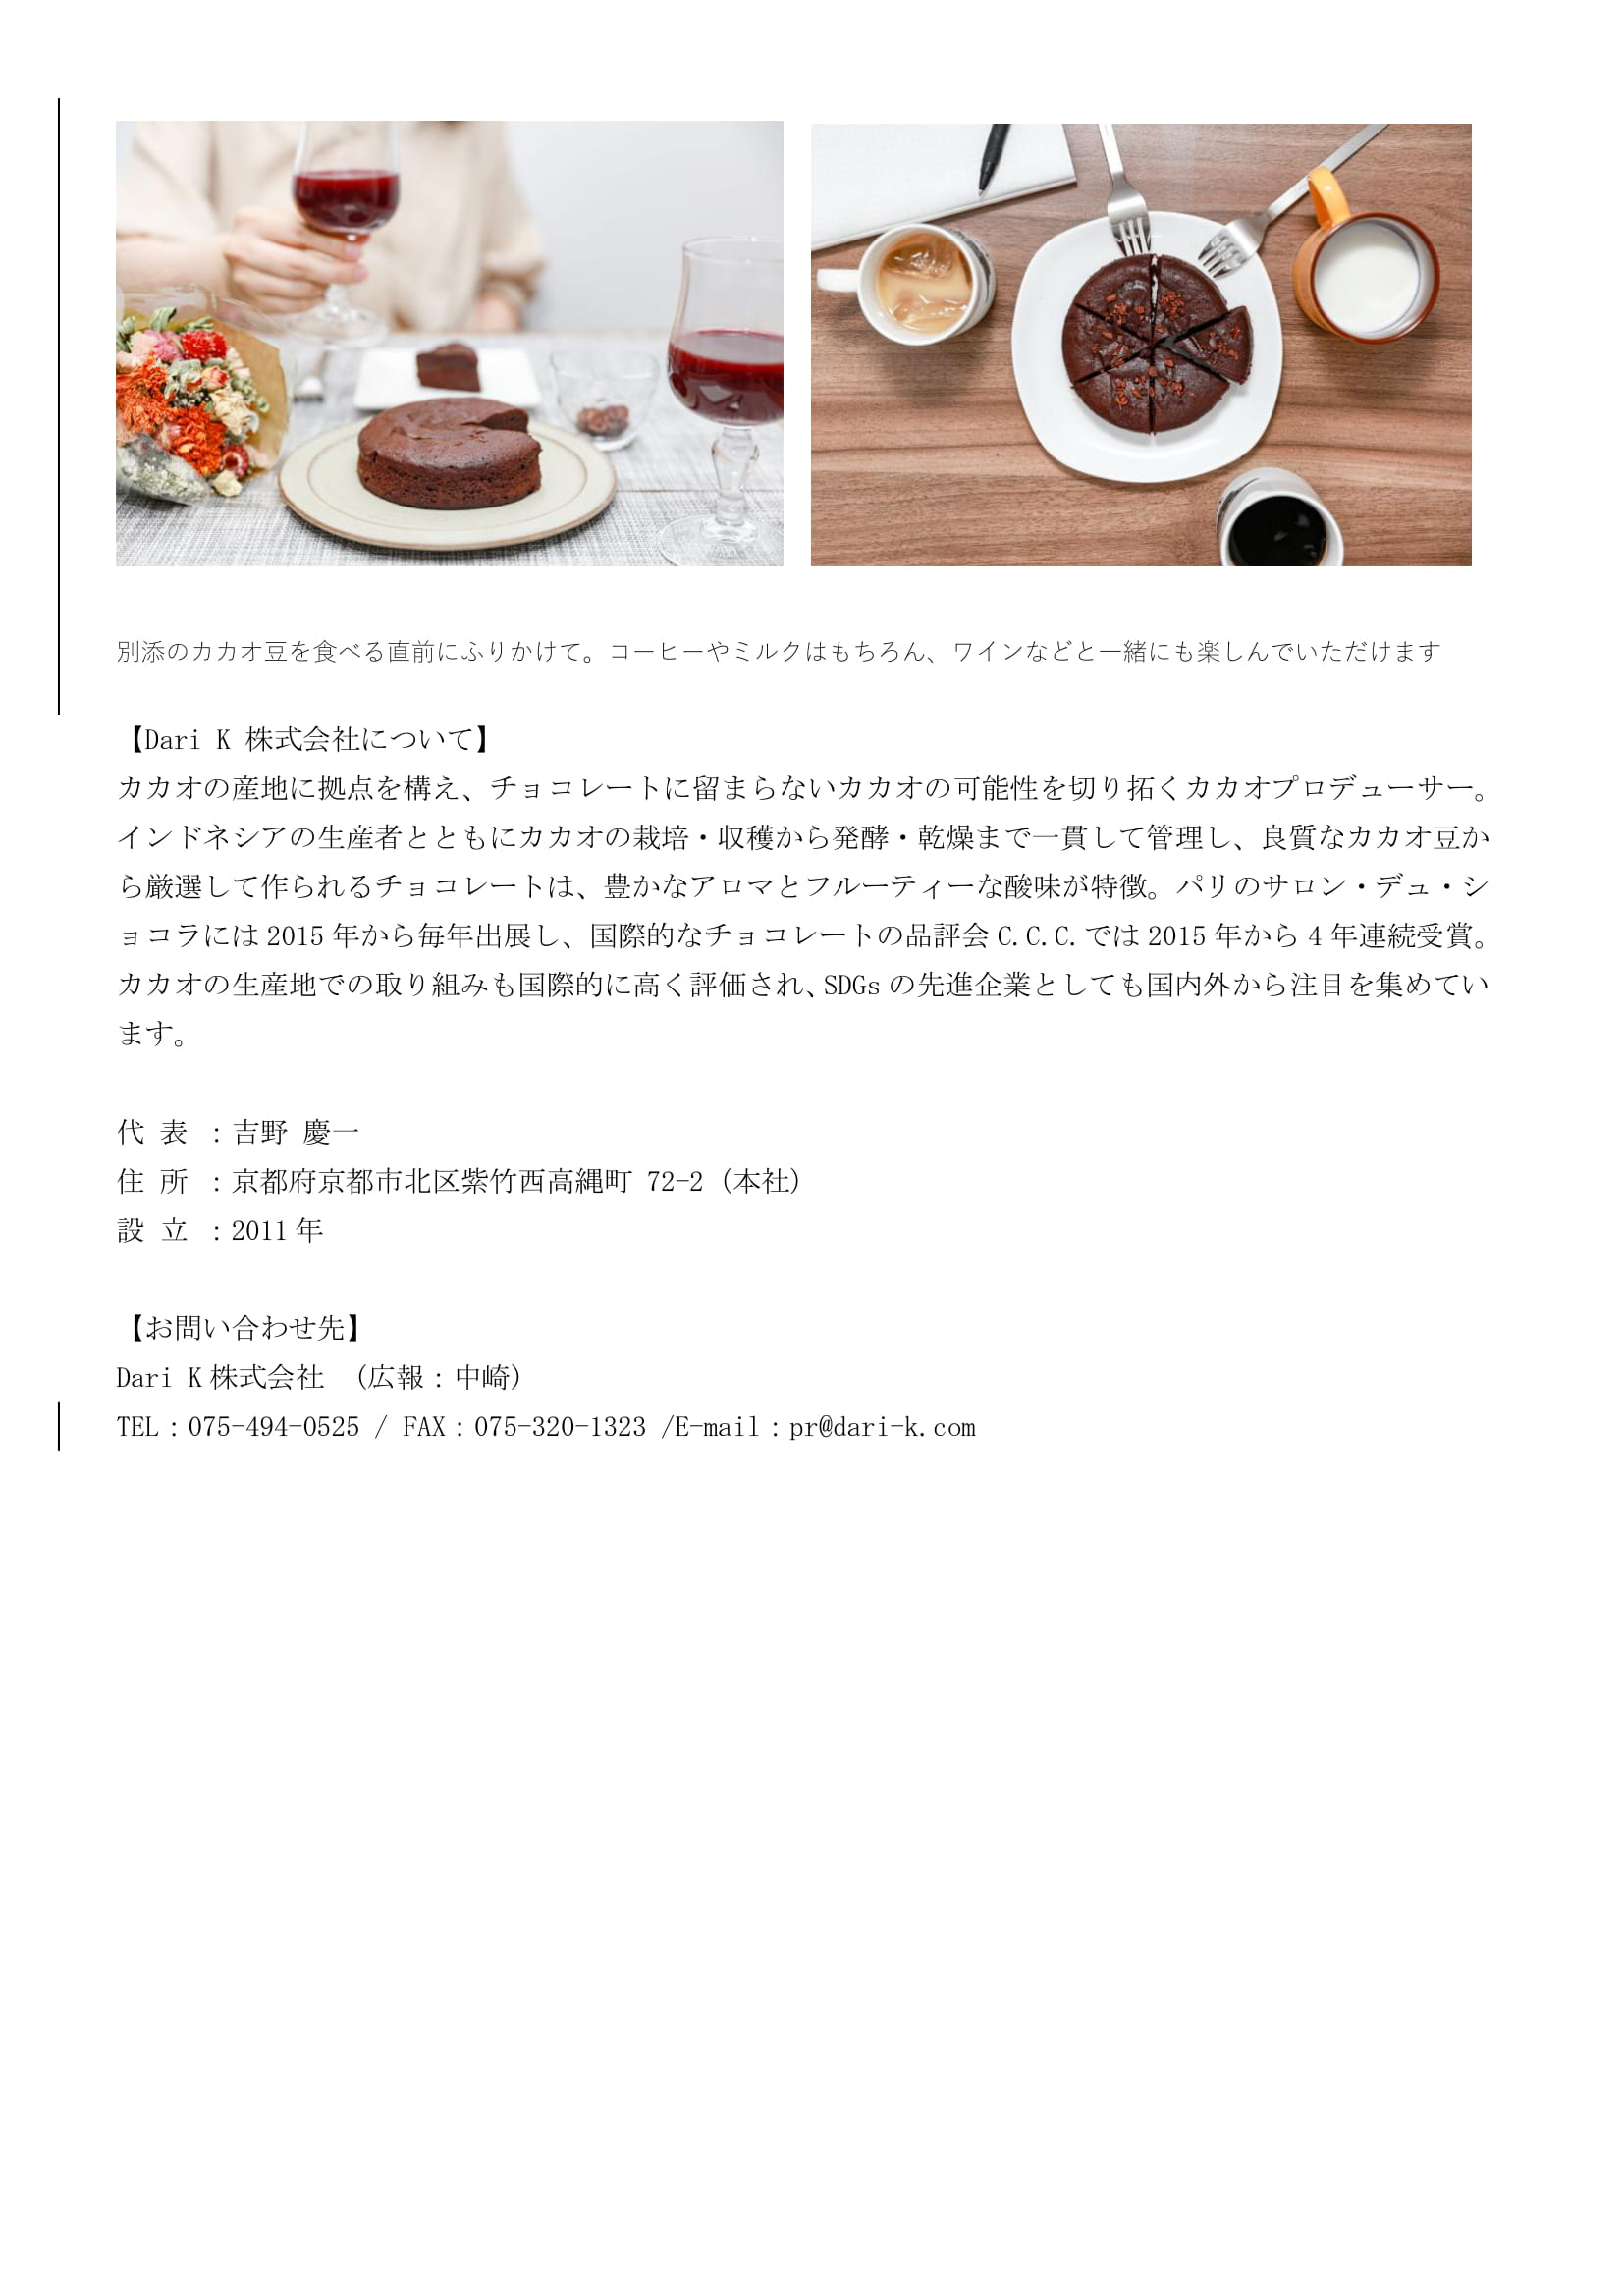 【Dari K】Press Releaseガトーショコラ210607-2